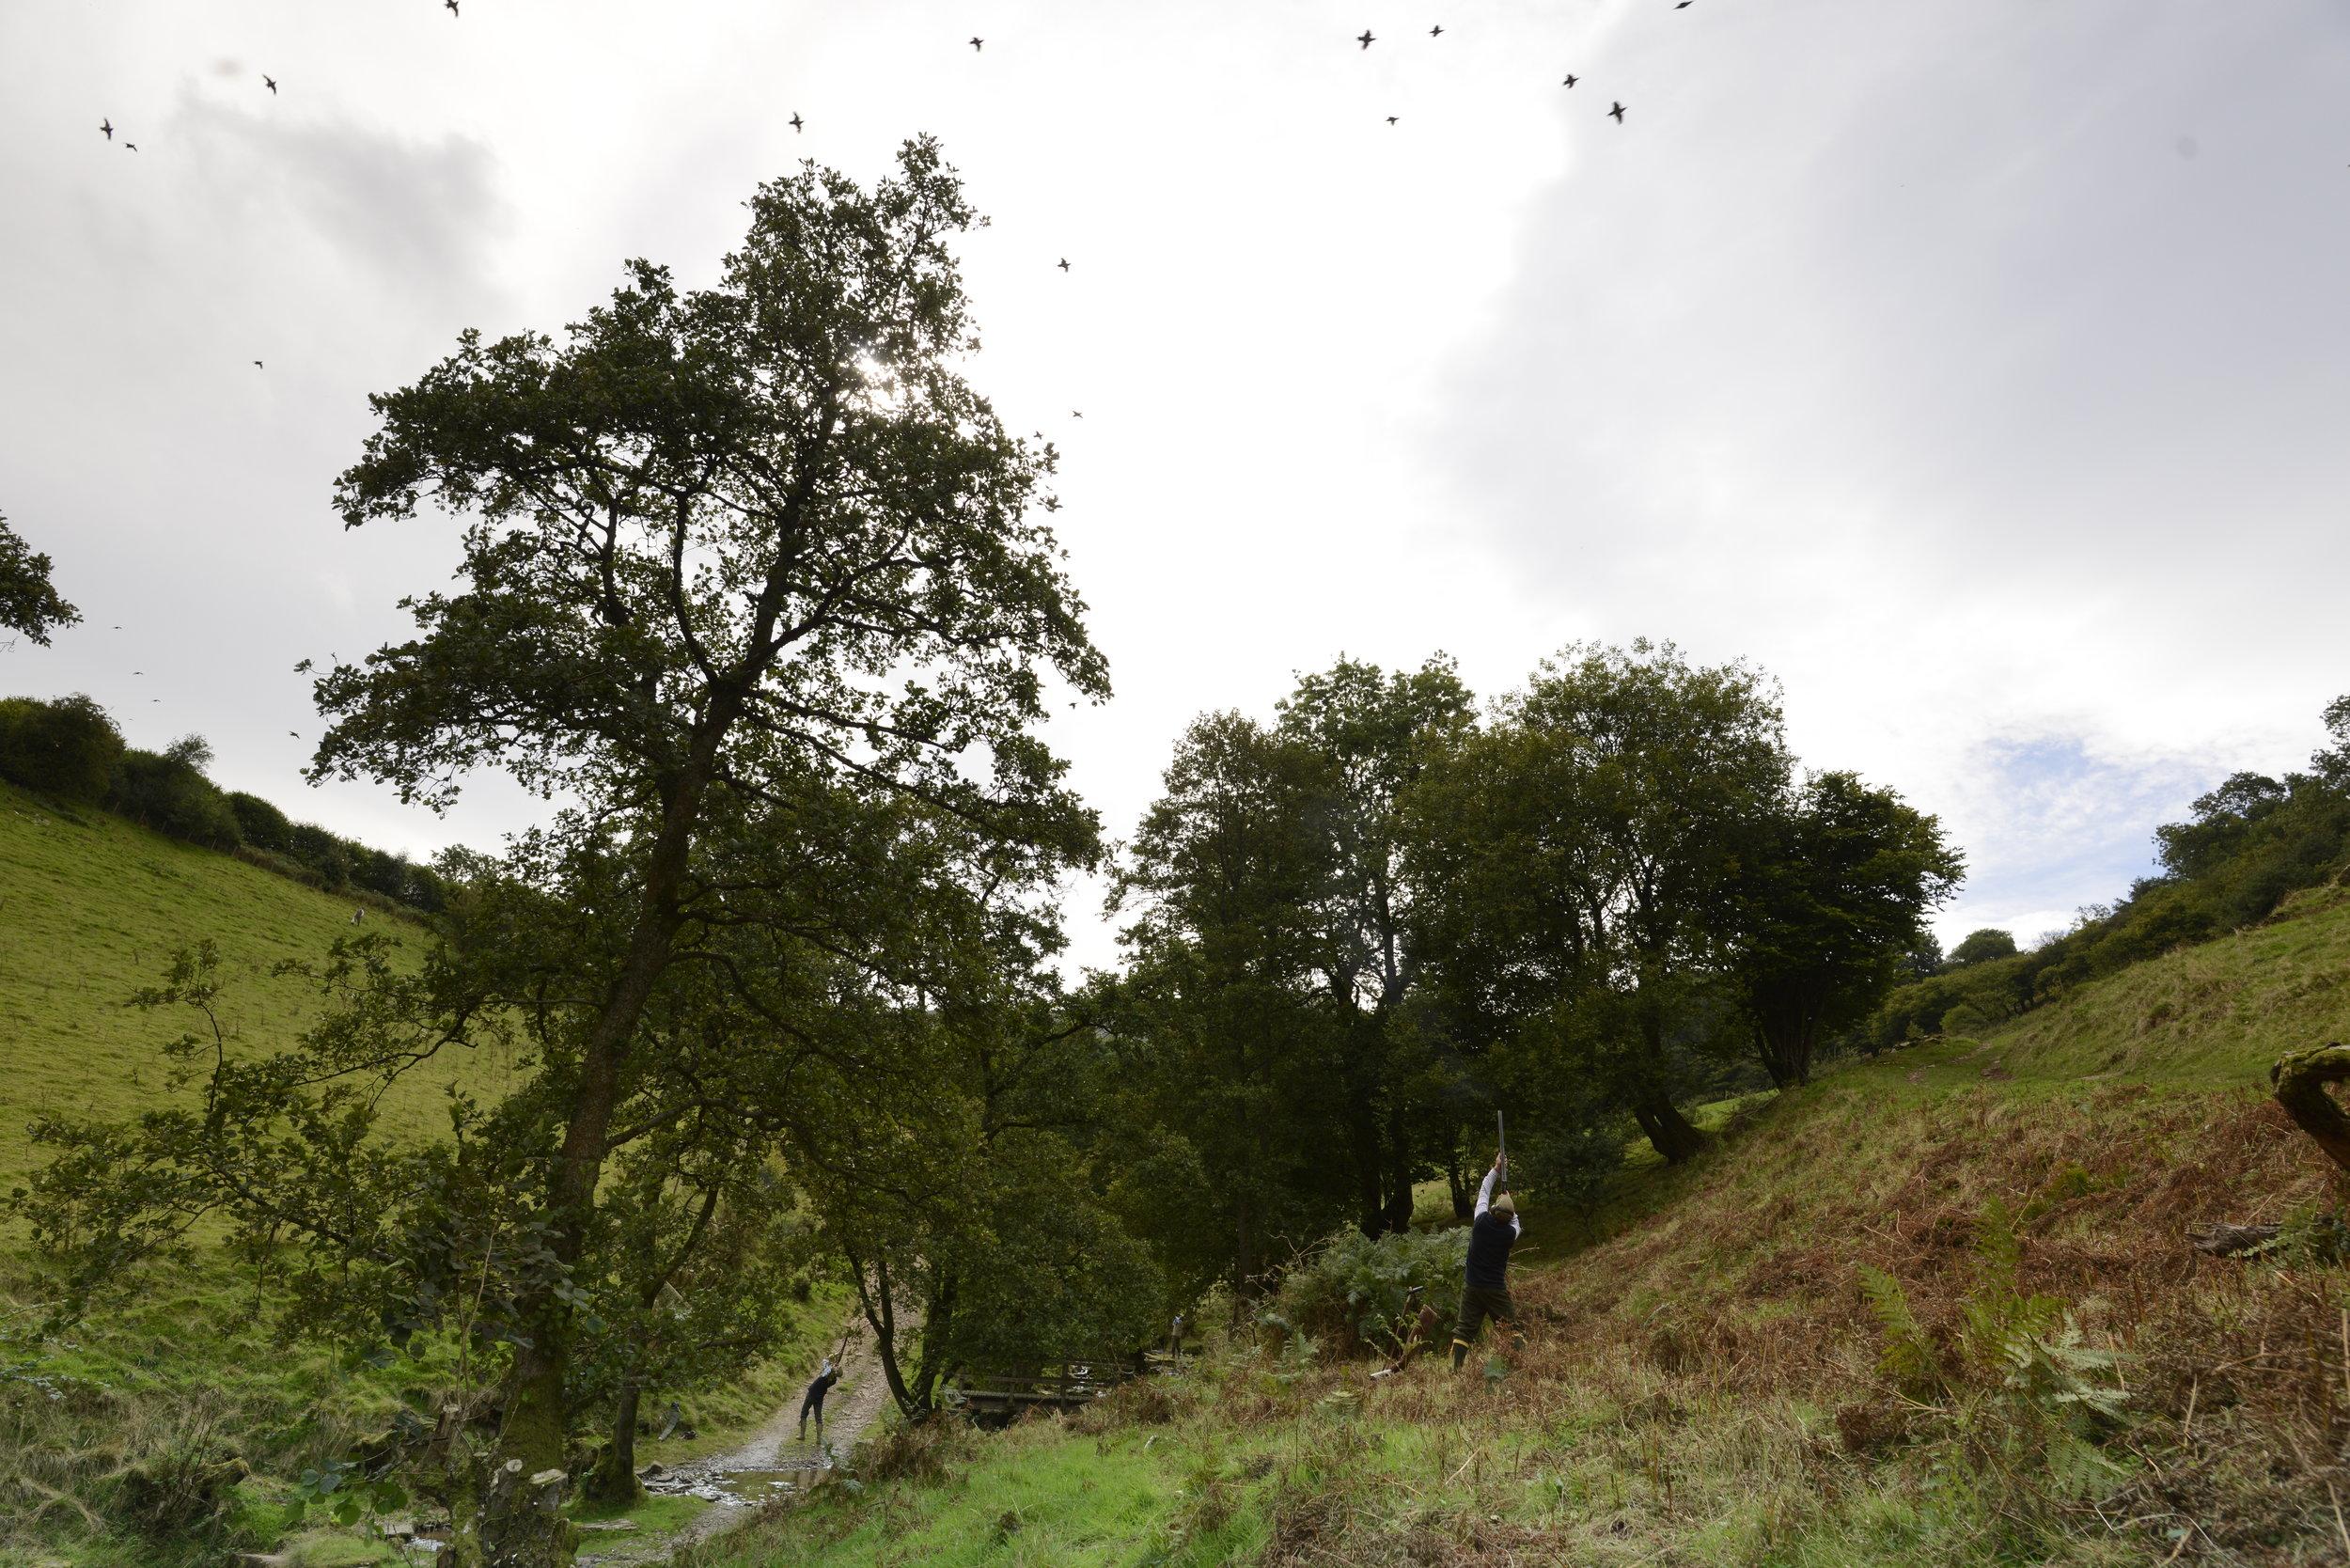 September partridge shooting - Tregoyd, Wales